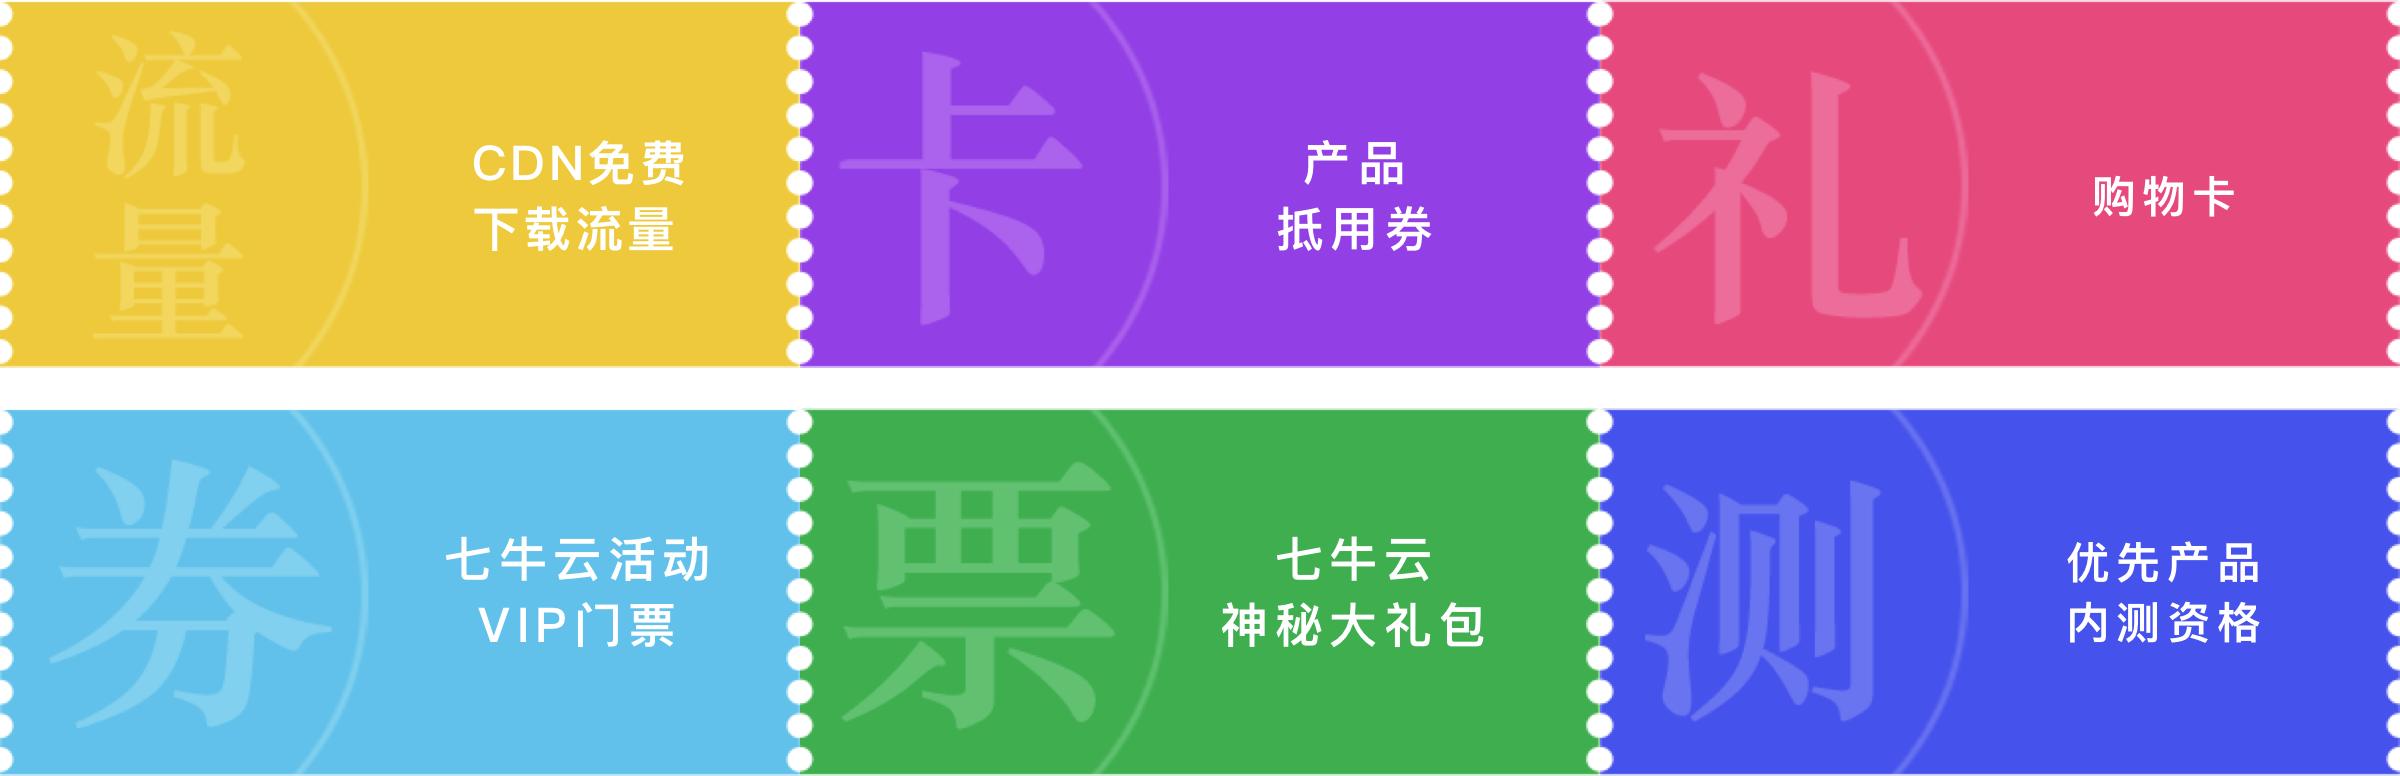 七牛云邀请好友,乐享千元好礼-2